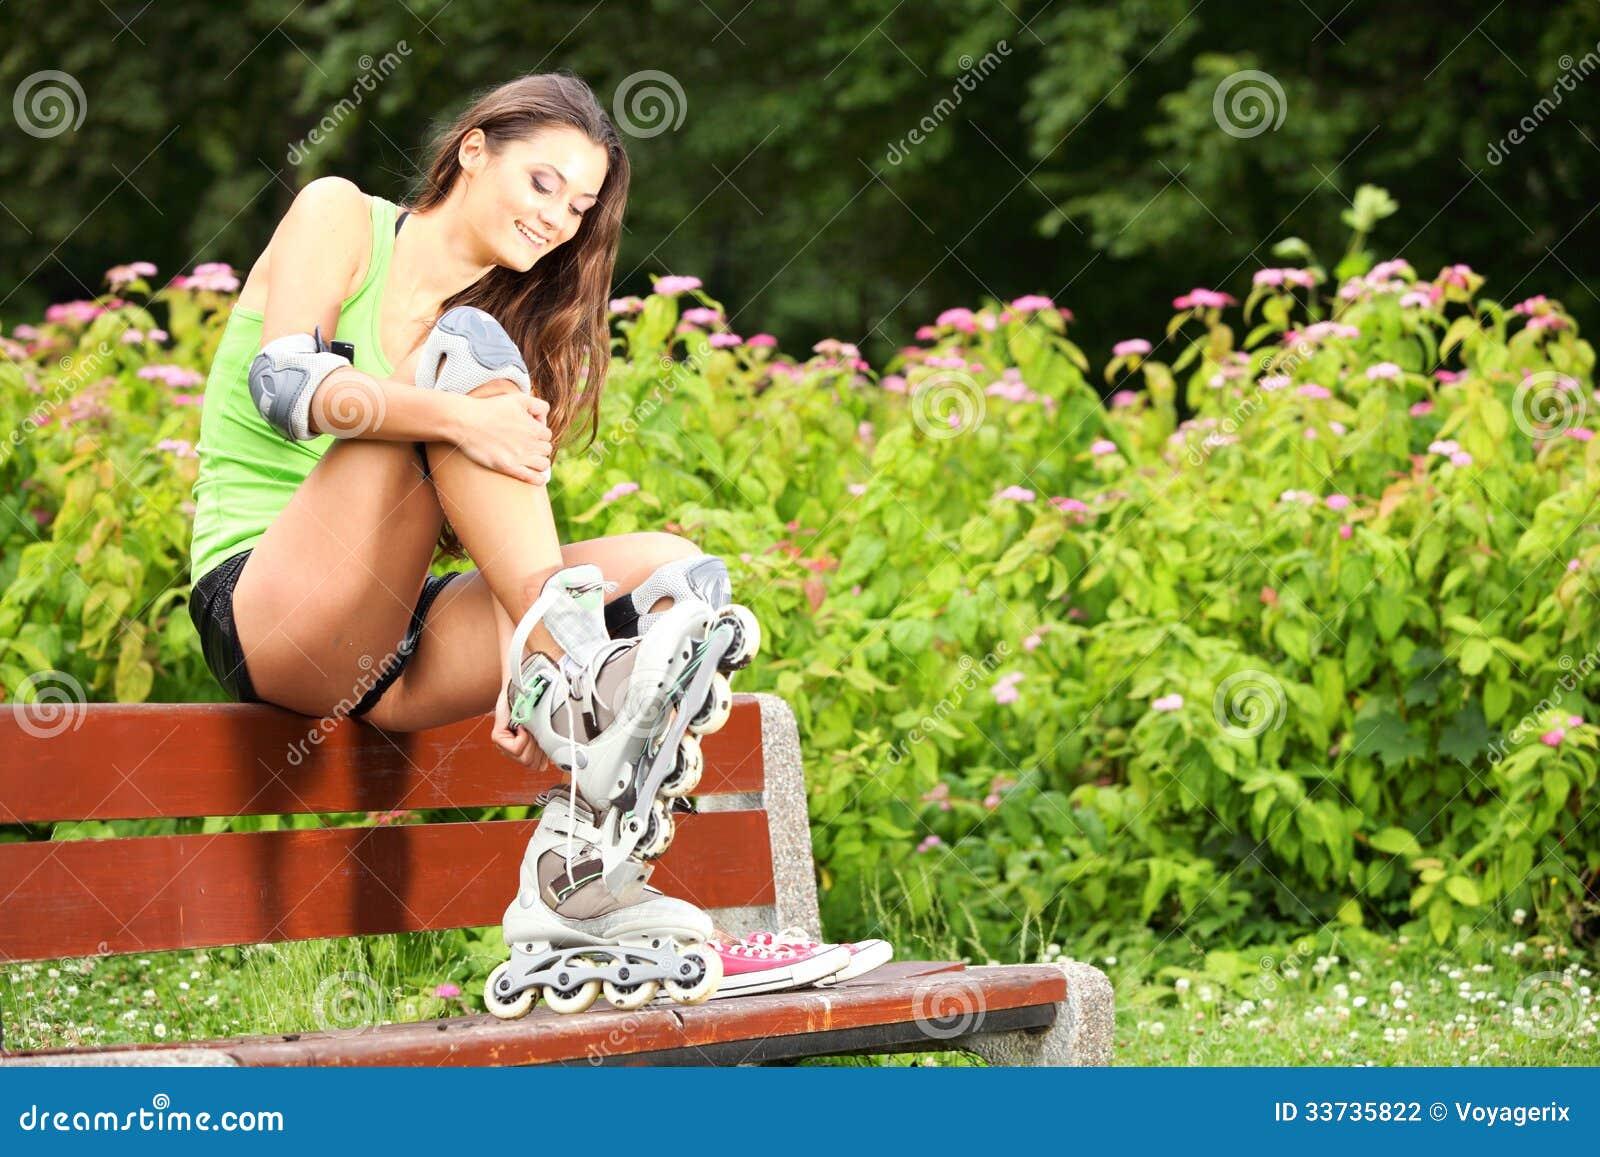 Деятельность при спорта кататься на коньках ролика женщины в парке